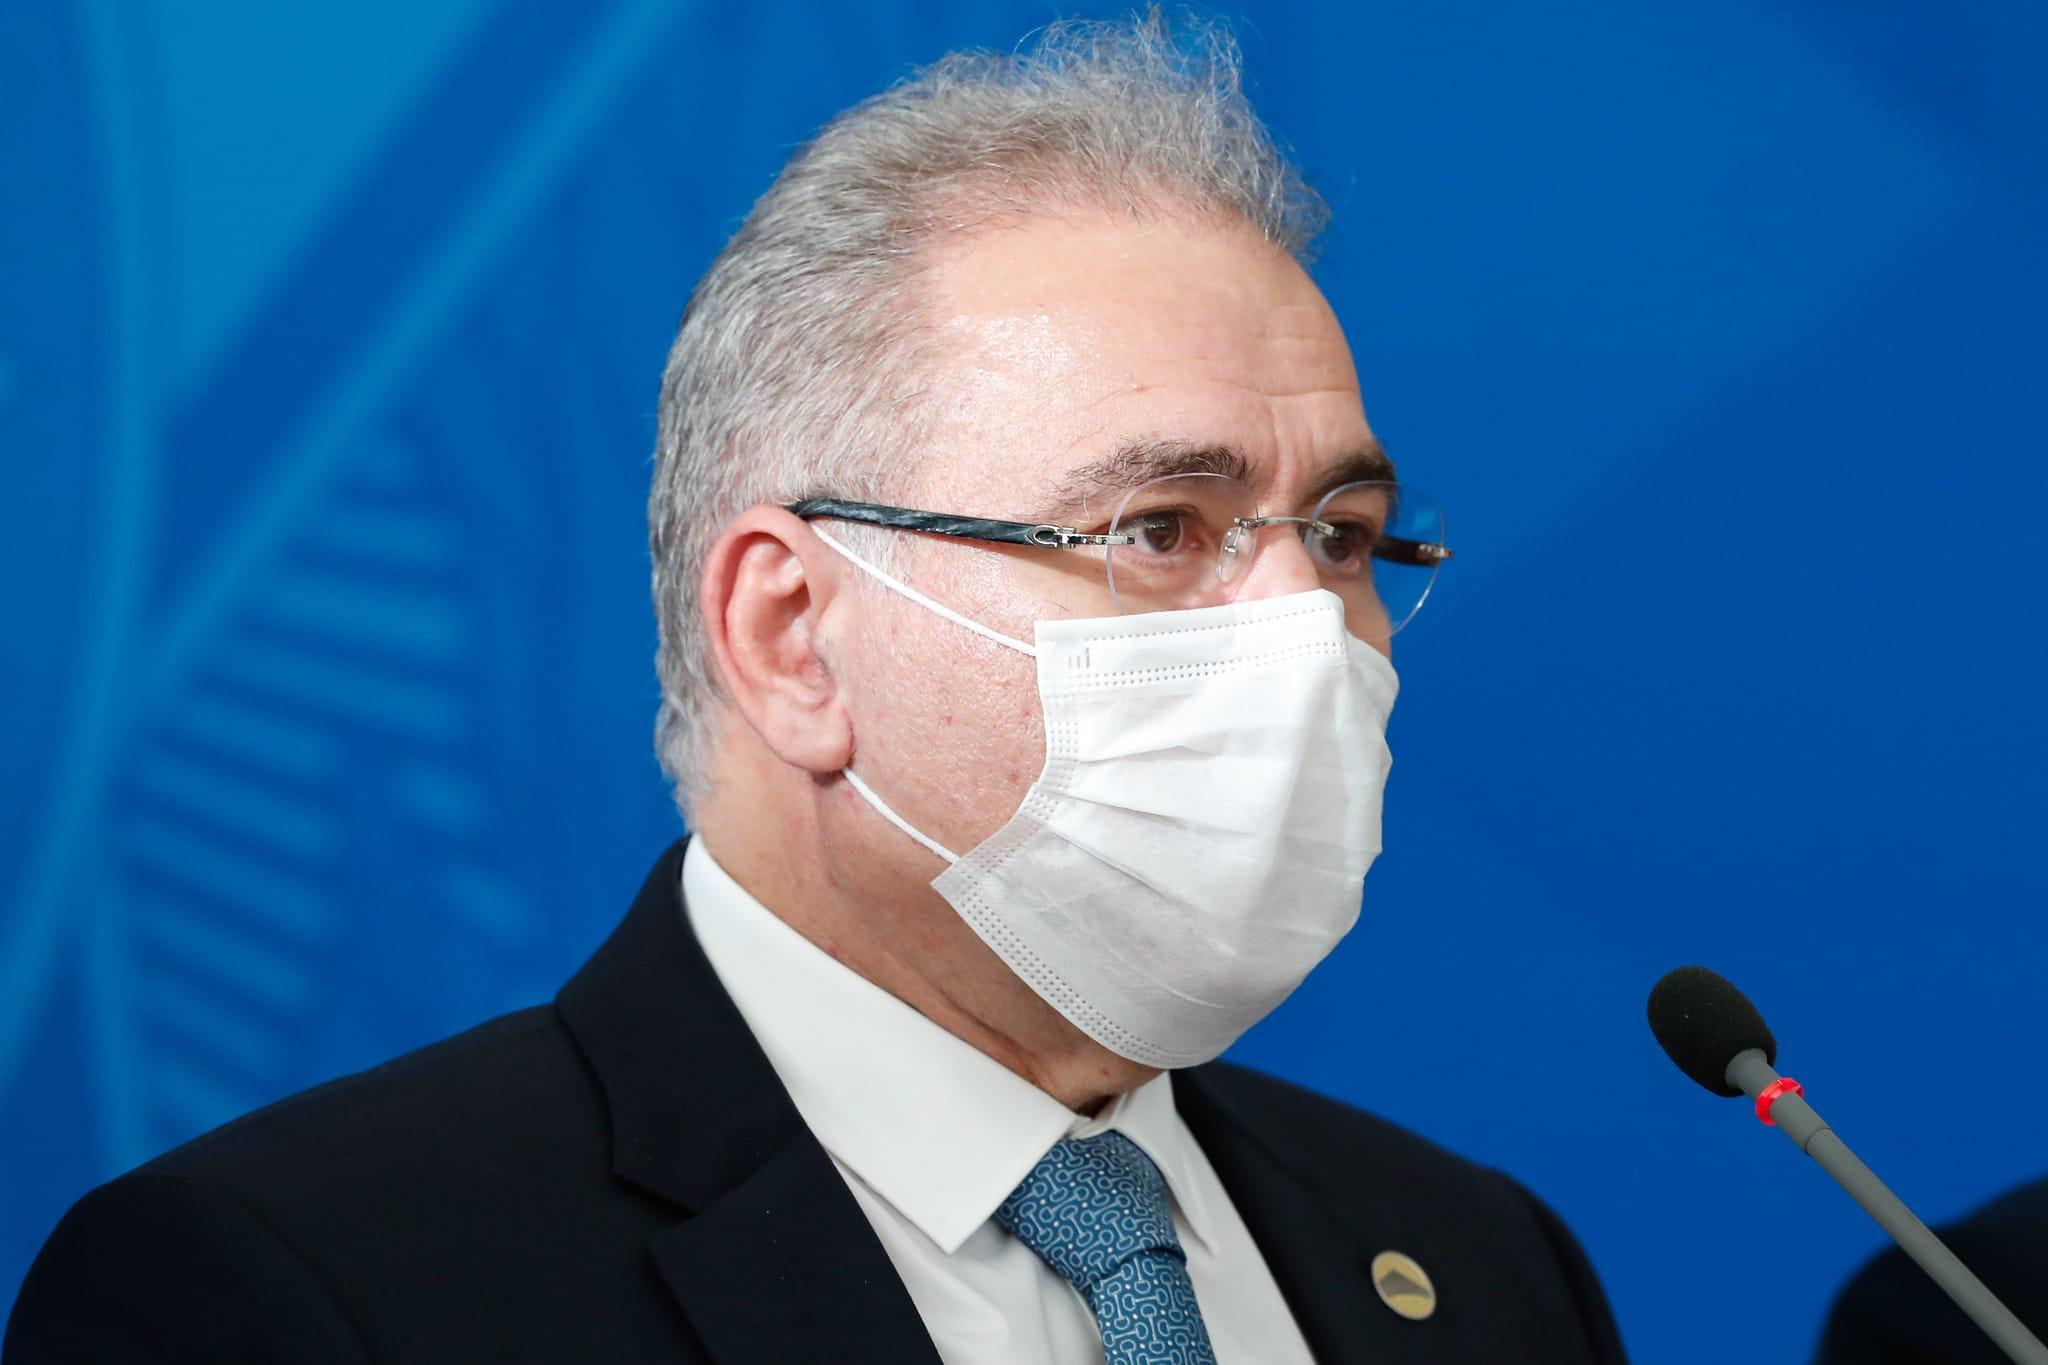 Portaria assinada por Marcelo Queiroga viabiliza o repasse de cerca de R$ 1 bilhão aos municípios brasileiros para o combate à Covid (Foto: Alan Santos)